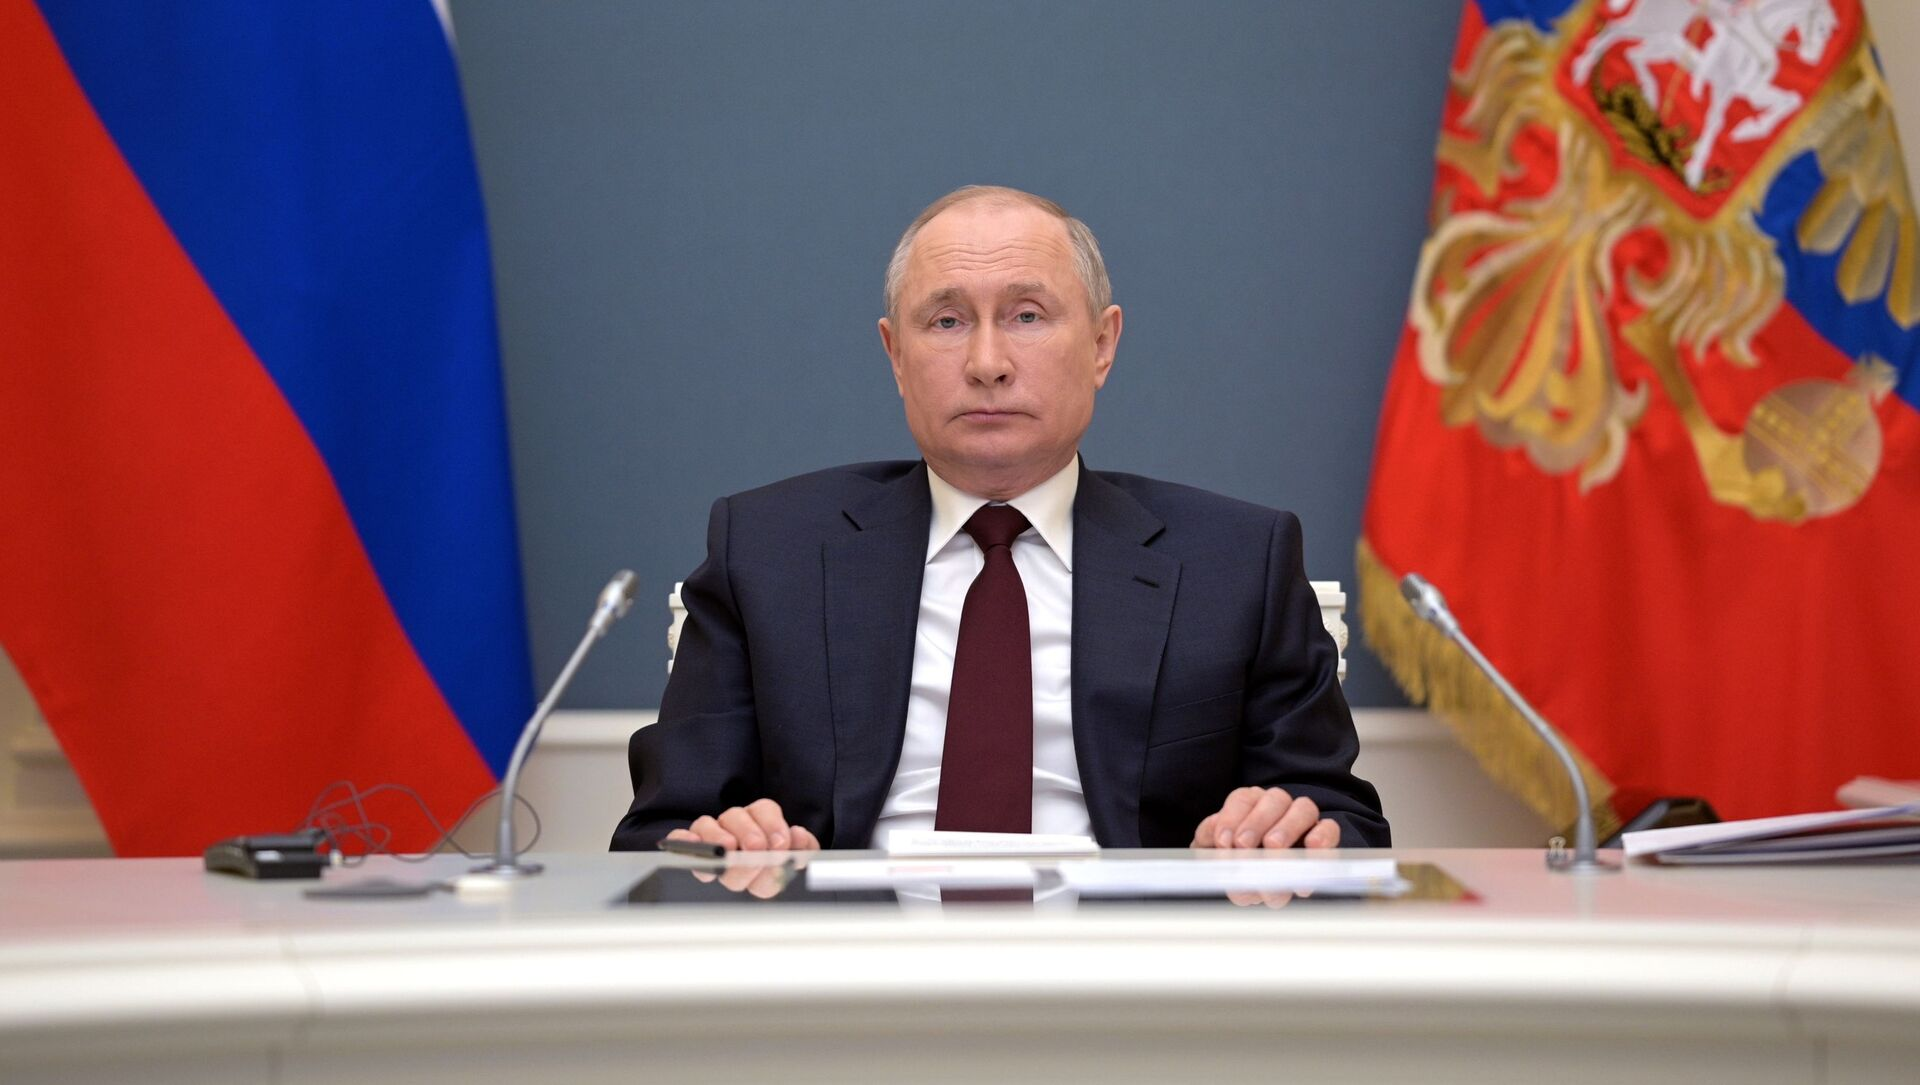 Президент РФ В. Путин выступил на онлайн-саммите по климату - Sputnik Беларусь, 1920, 22.04.2021